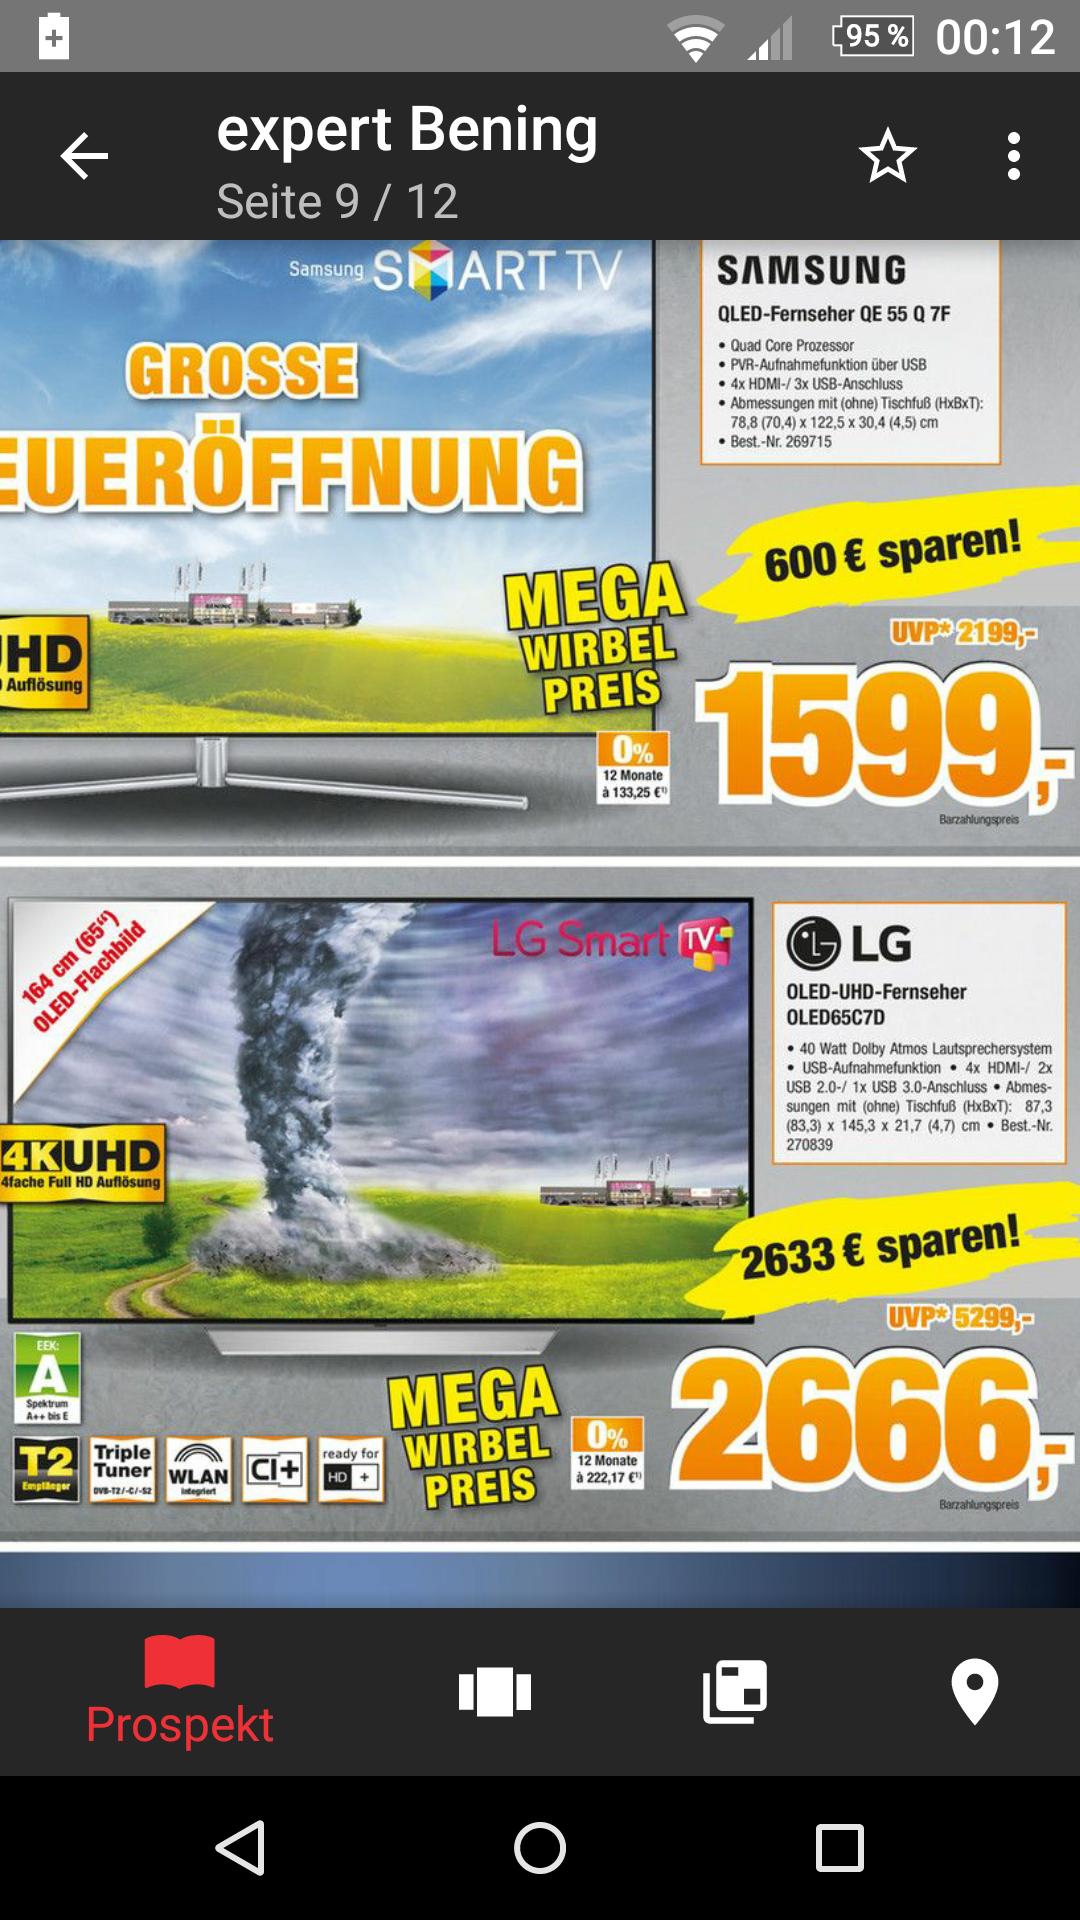 Expert Benning Lokal Norddeutschland LG OLED65C7D Deutsche Version 2666€ !